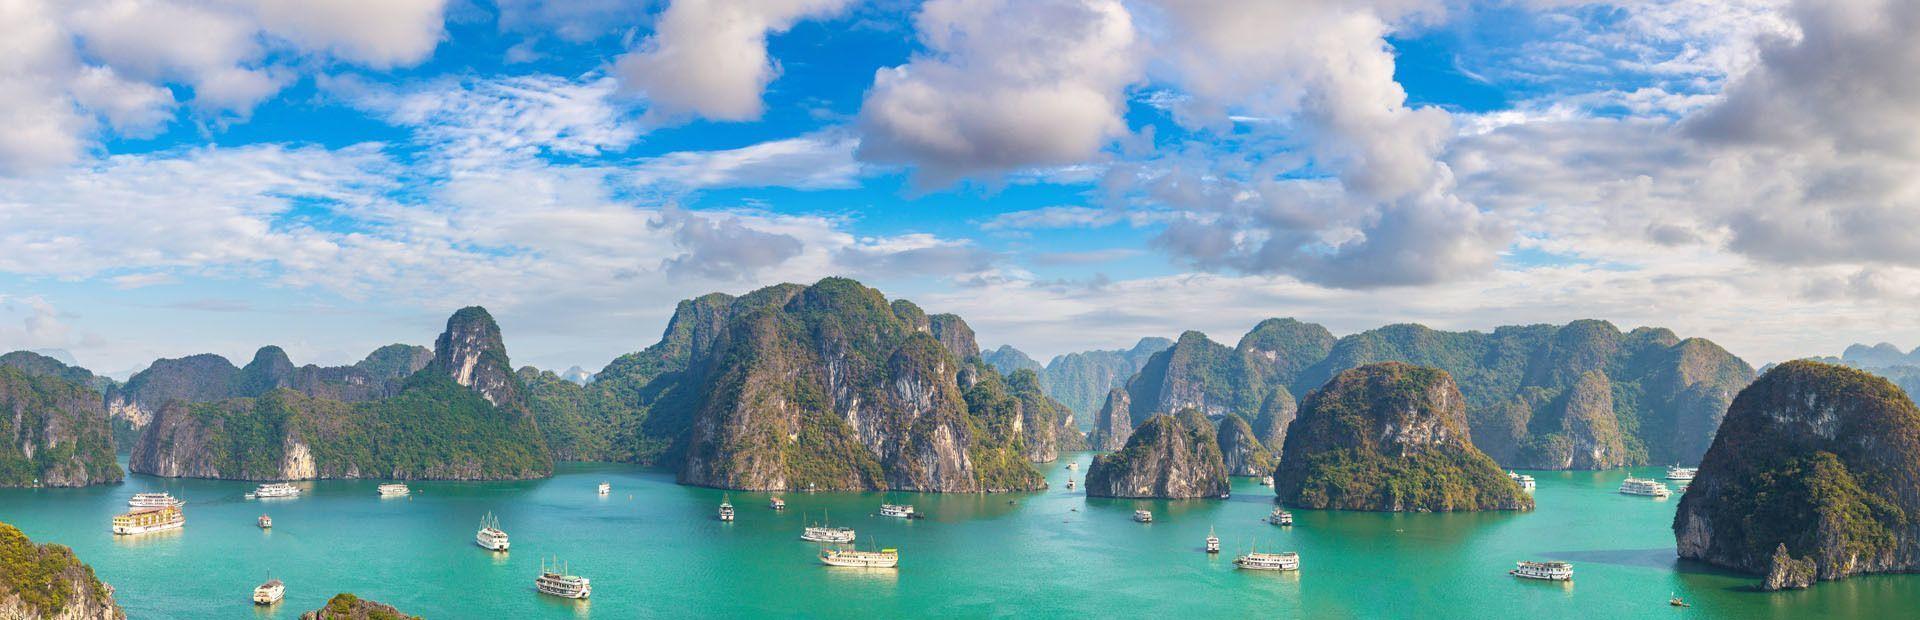 Vietnam: da Hanoi a Ho Chi Minh City